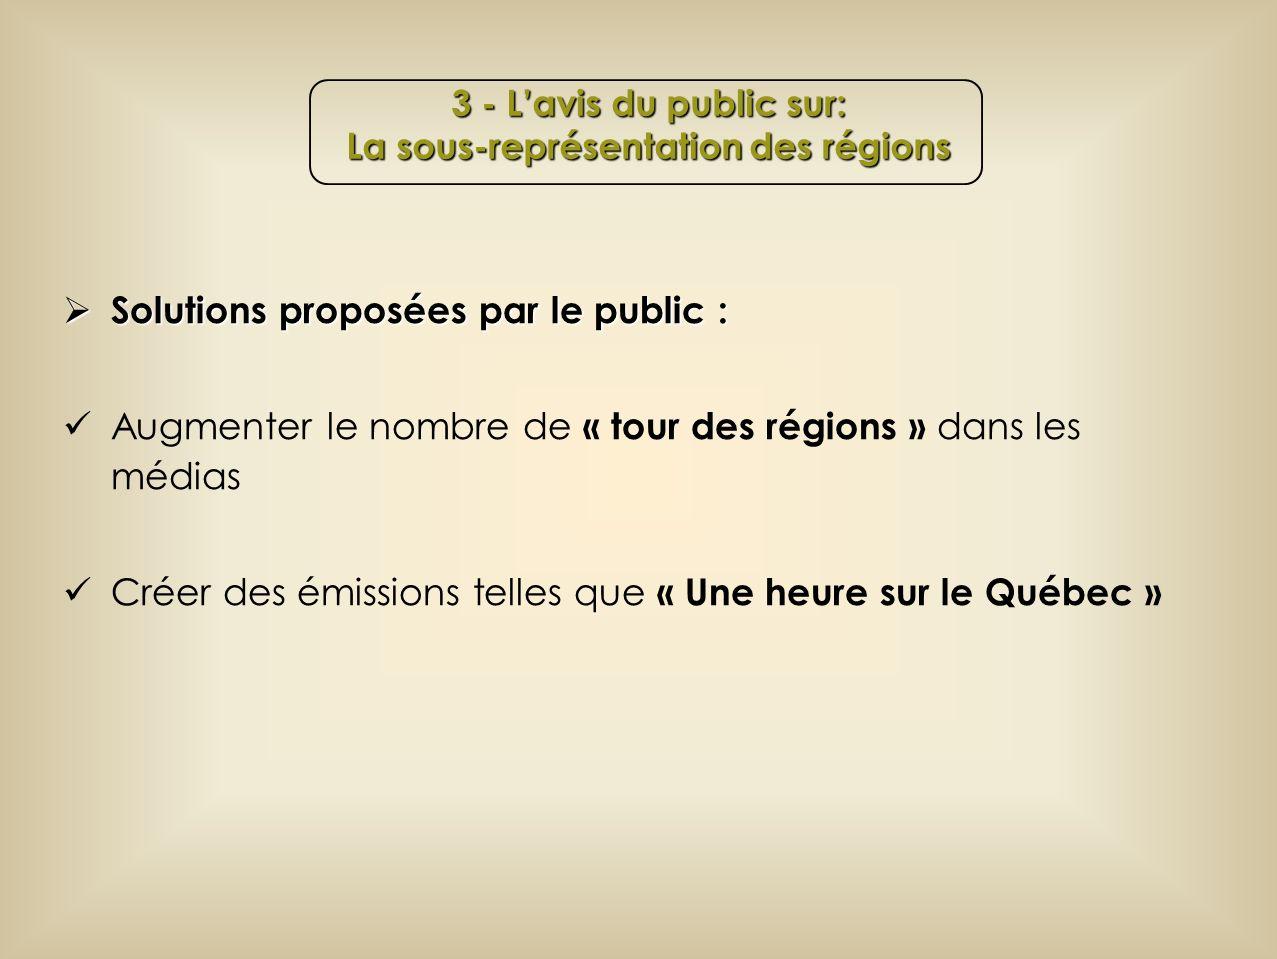 Solutions proposées par le public : Solutions proposées par le public : Augmenter le nombre de « tour des régions » dans les médias Créer des émissions telles que « Une heure sur le Québec » 3 - Lavis du public sur: La sous-représentation des régions